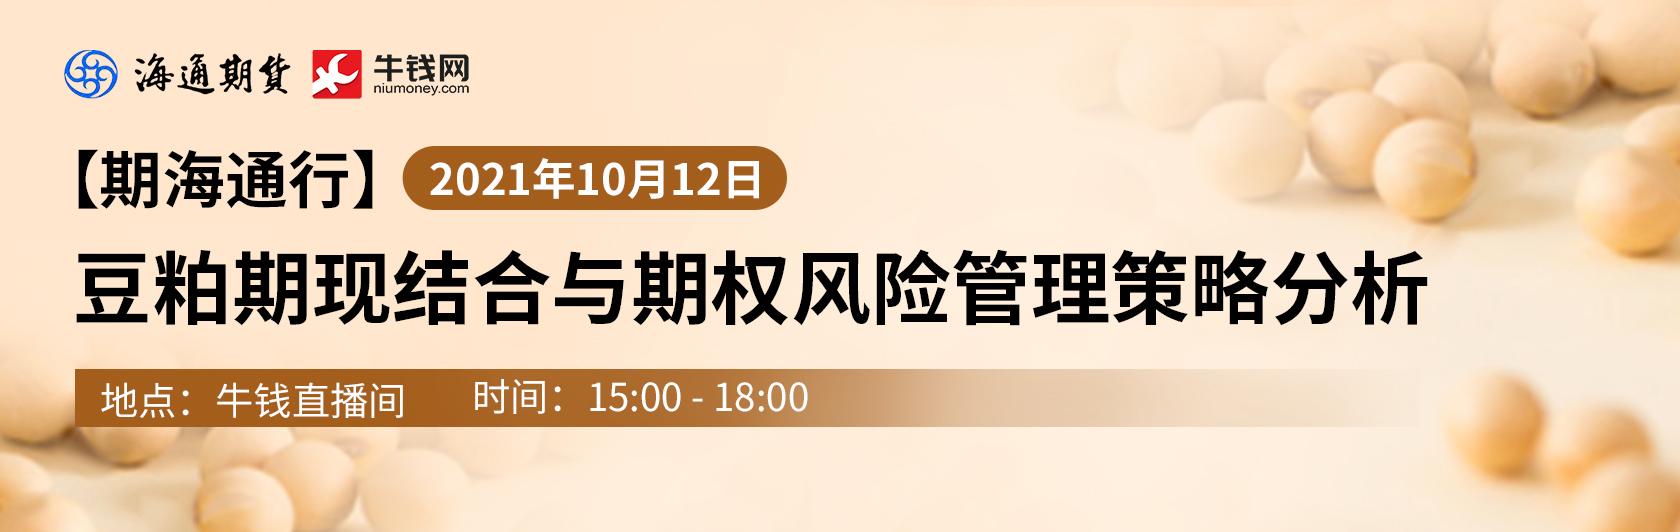 扑克财经App